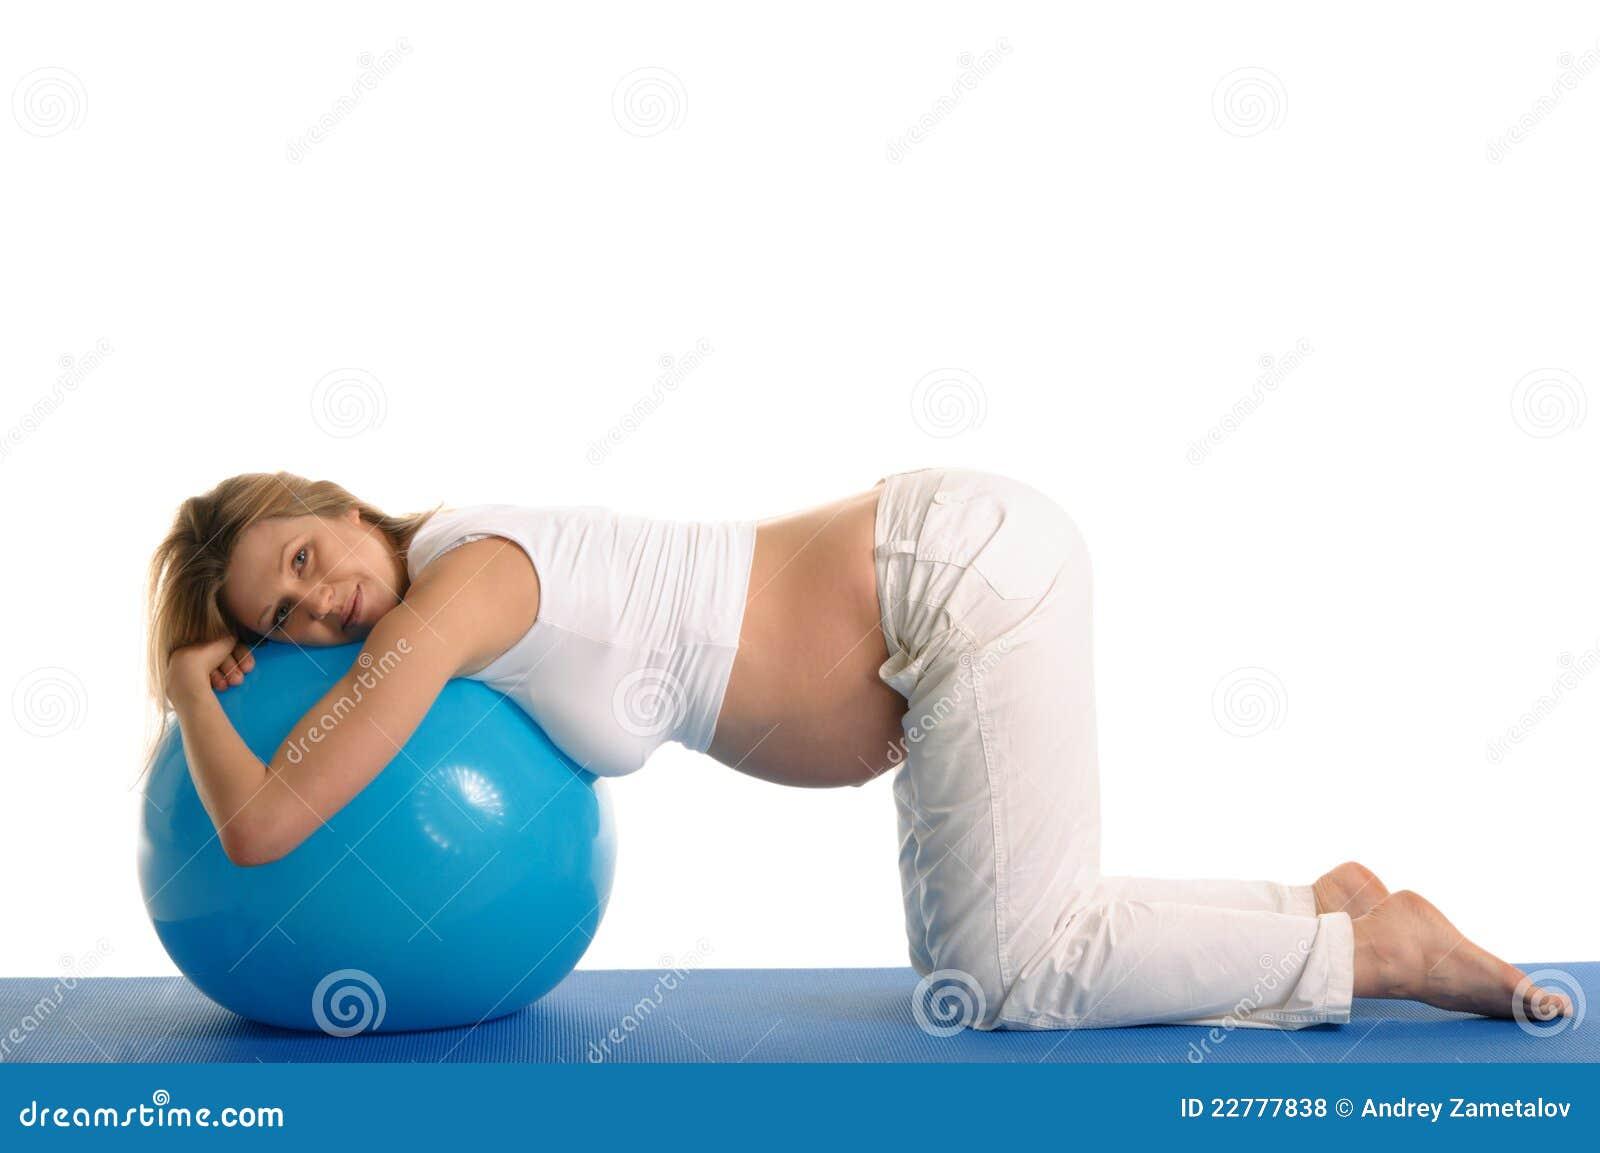 Упражнения для укрепления для беременных